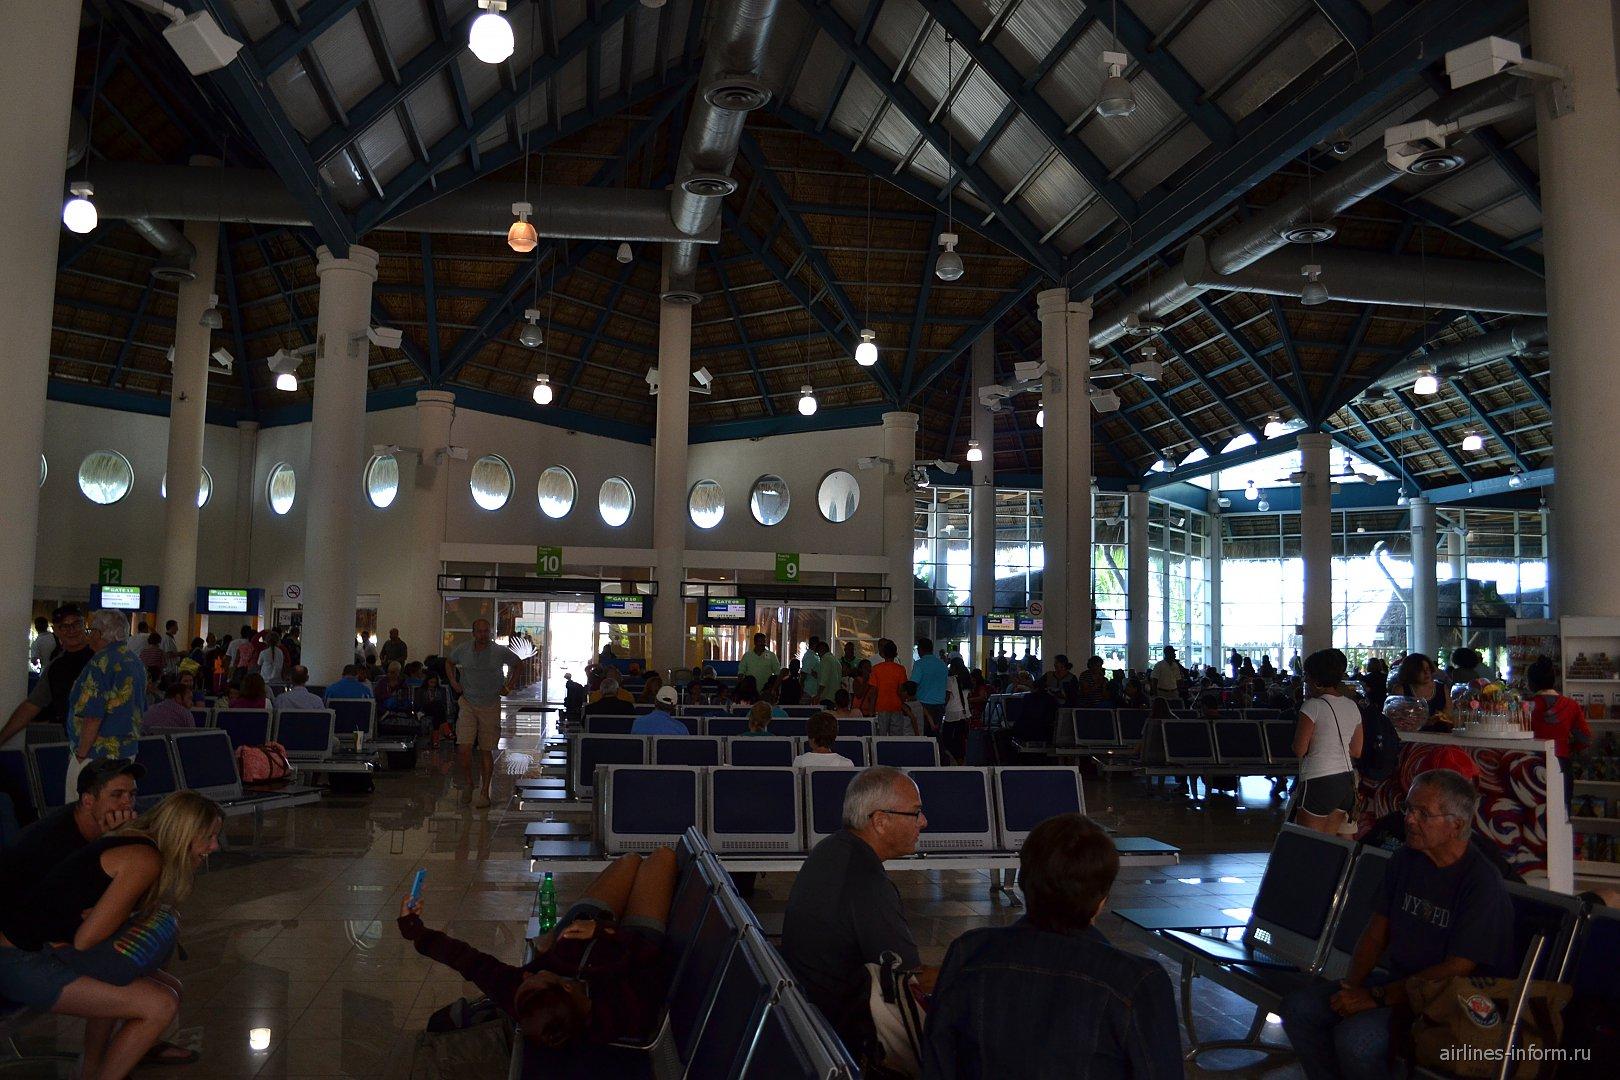 Зал ожидания с кондиционером в чистой зоне аэропорта Пунта-Кана